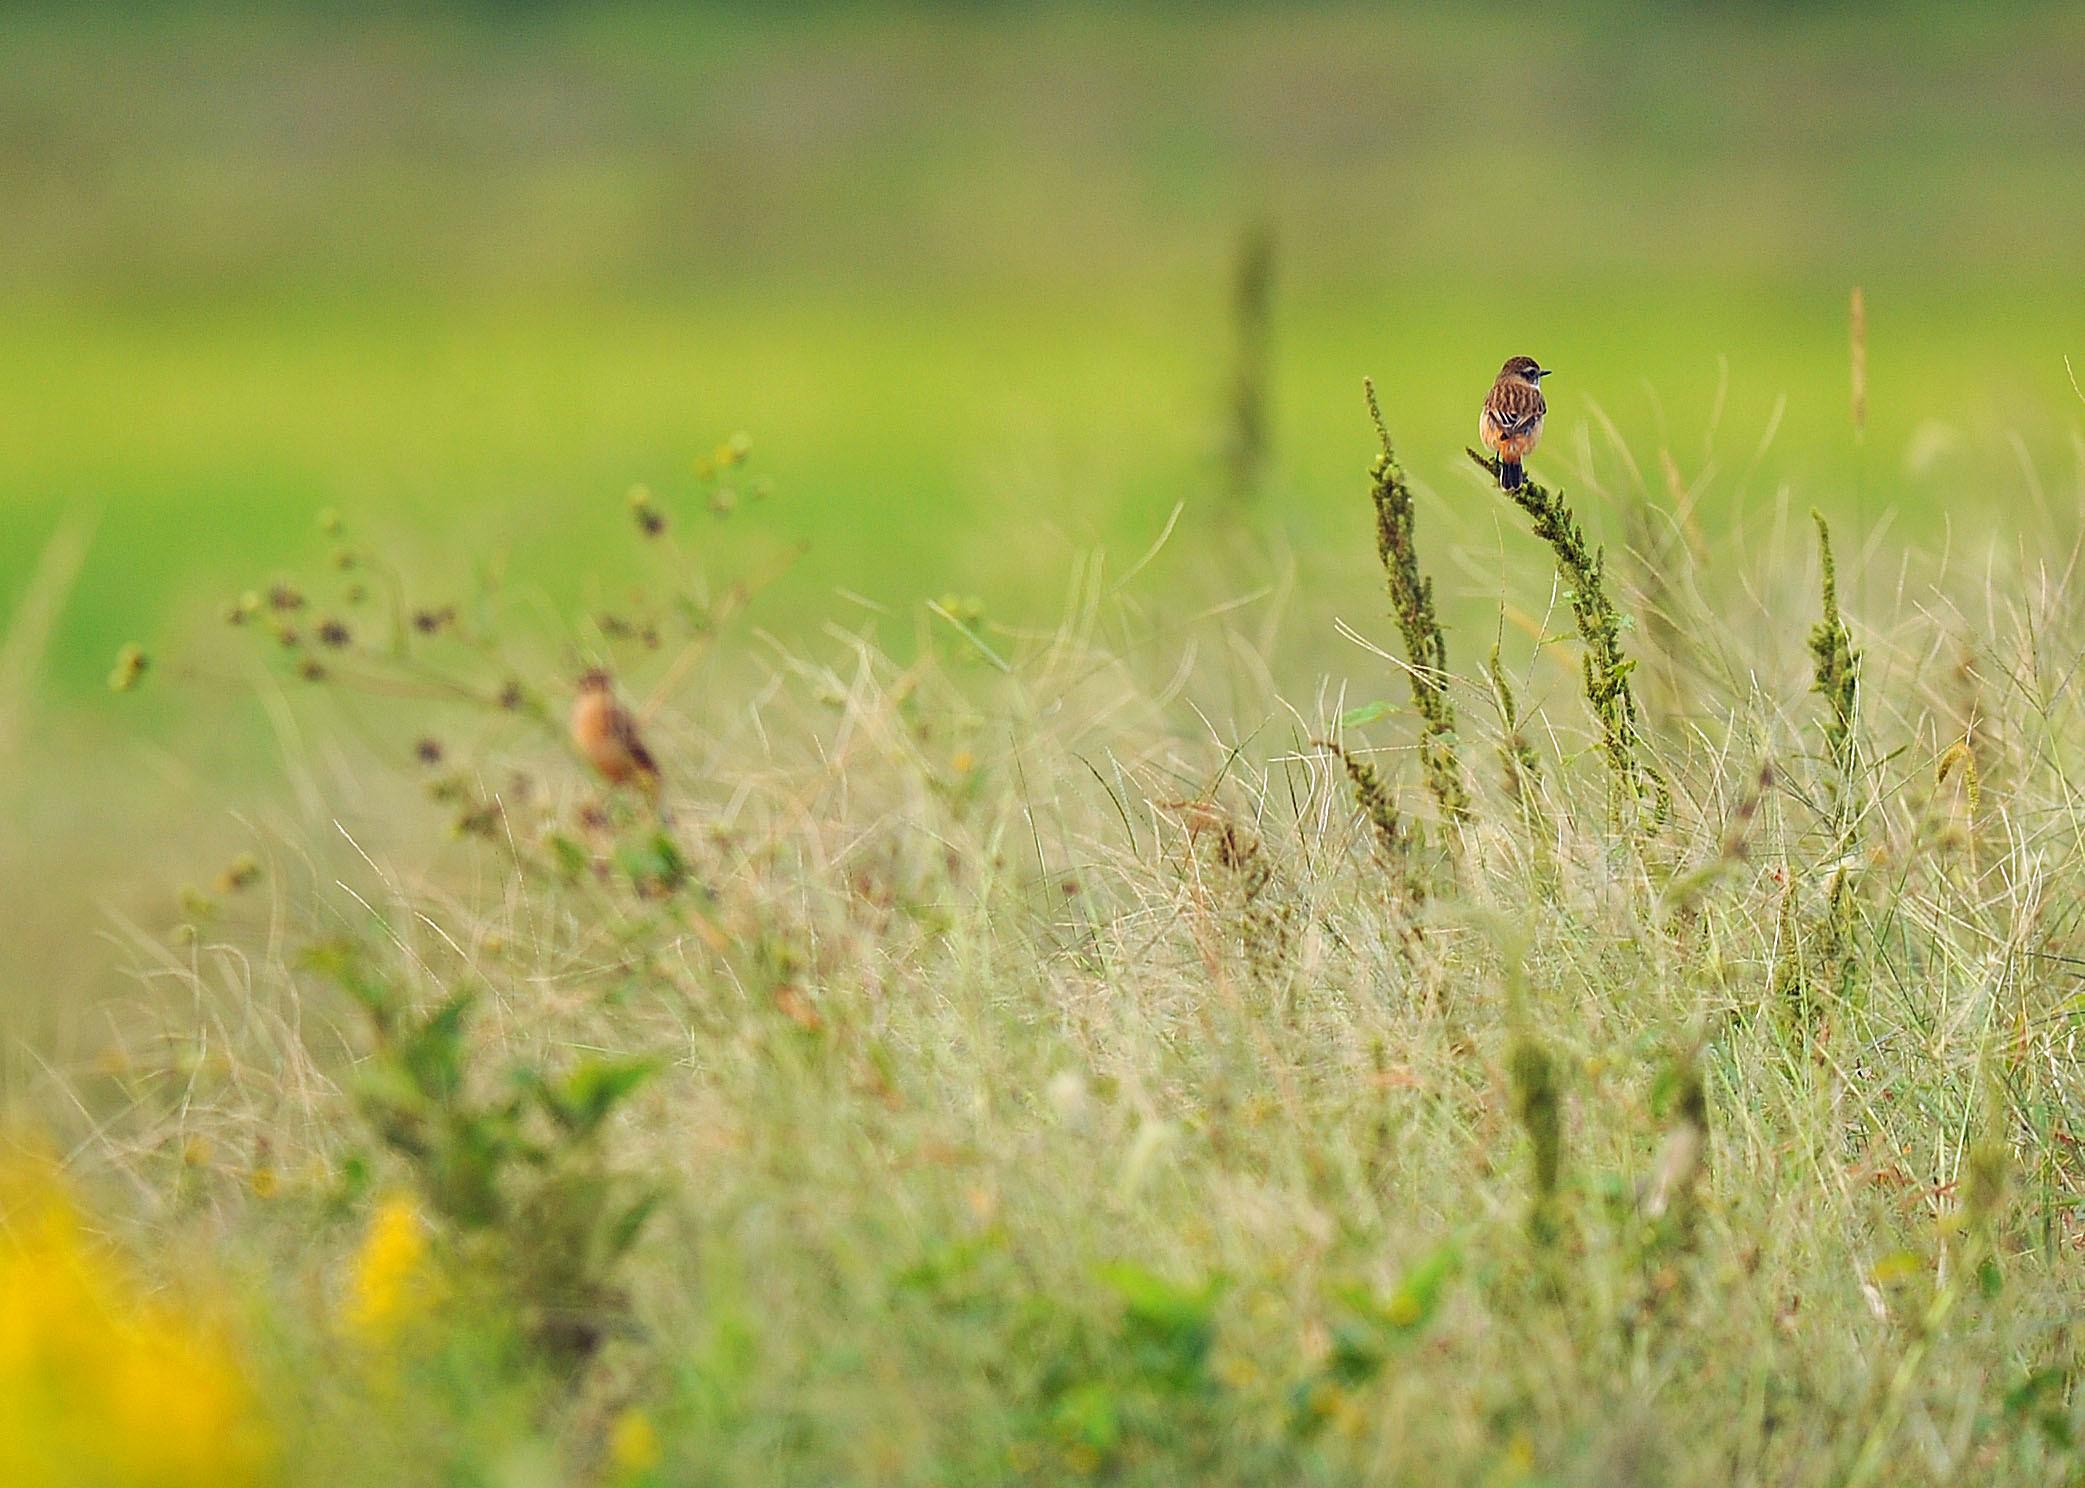 渡り鳥の立ち寄りです ノビタキ Ⅱ_d0290240_06180111.jpg